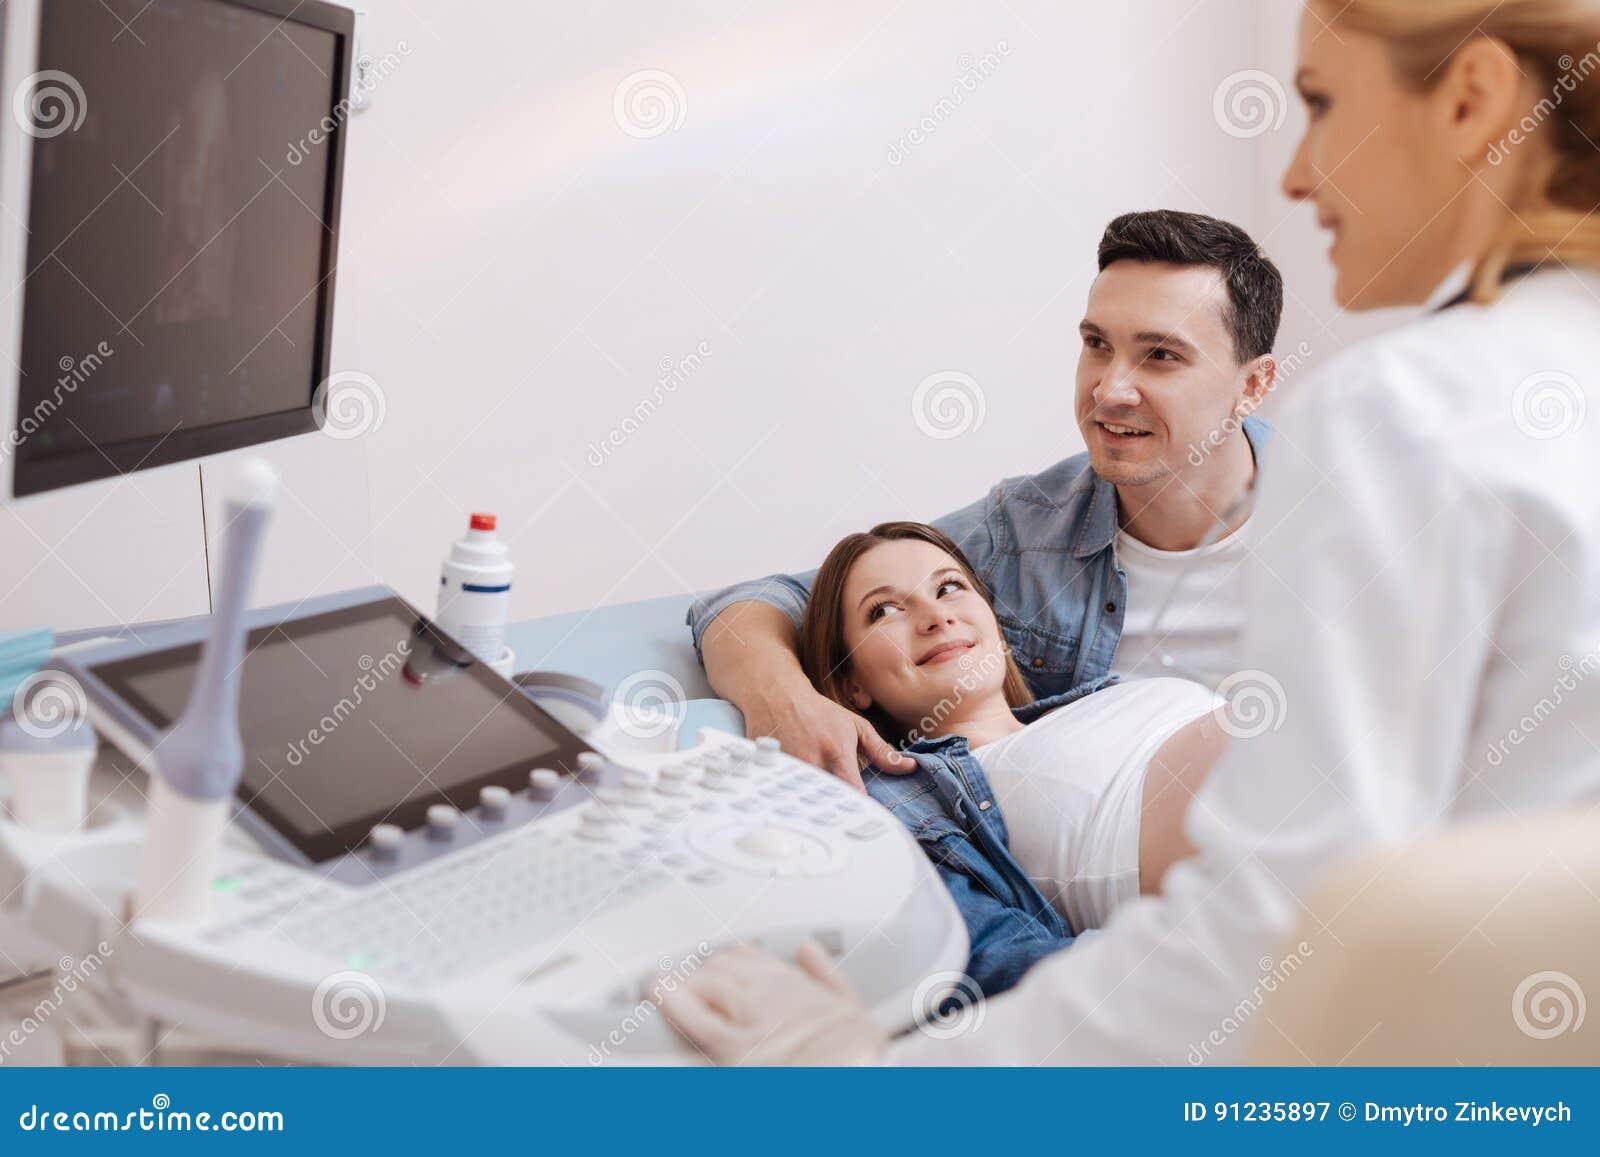 coppia di appuntamenti Ghost Recon guerriglia modalità matchmaking